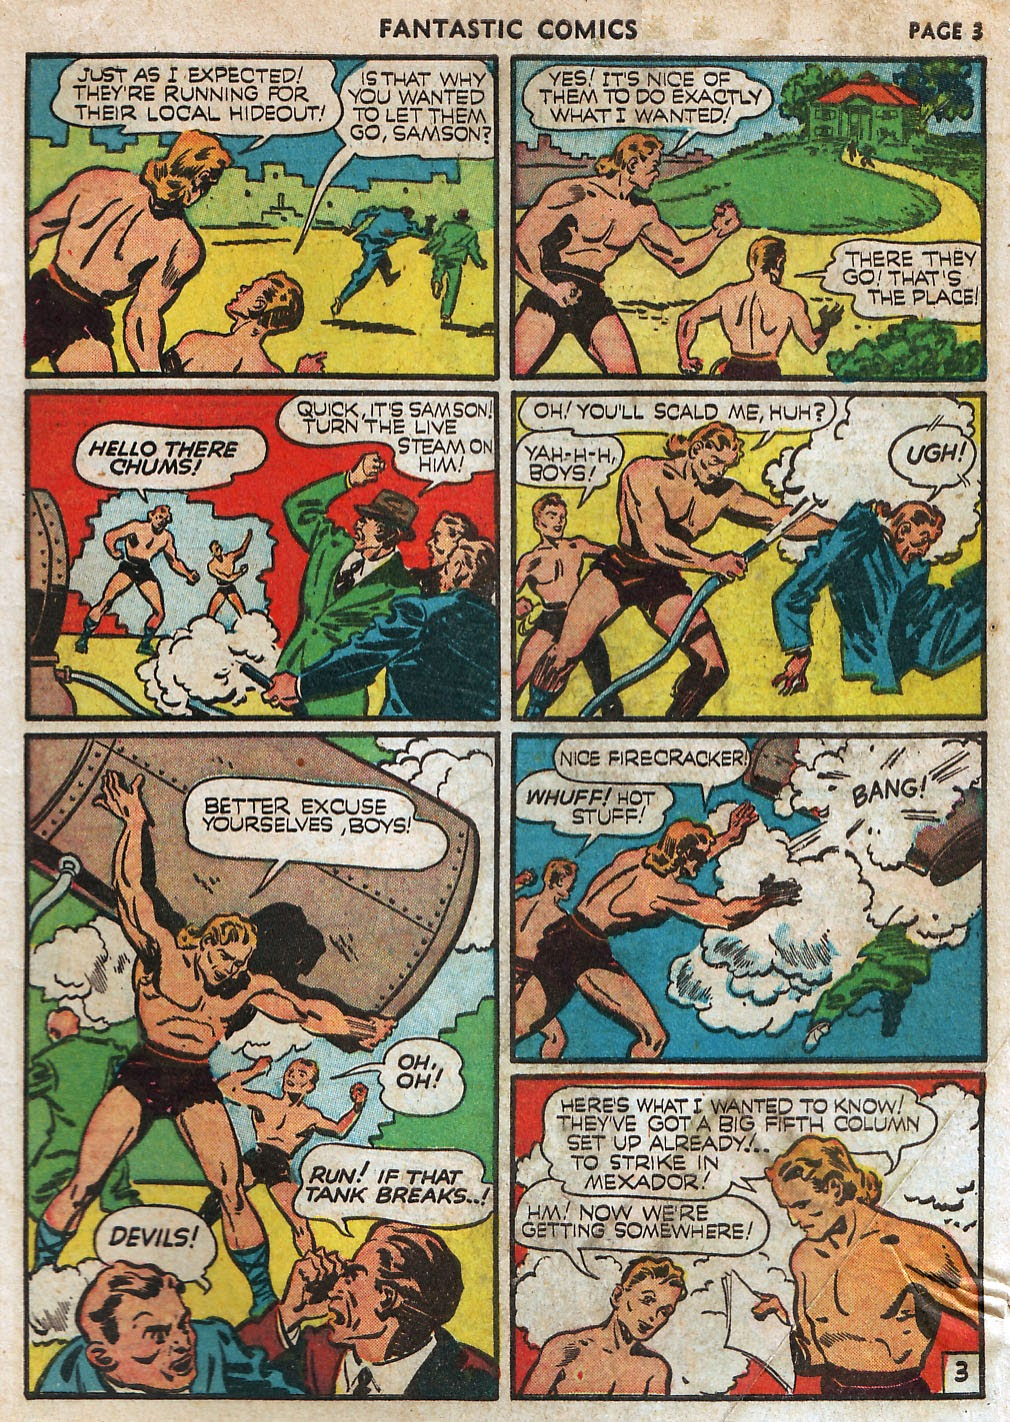 Read online Fantastic Comics comic -  Issue #17 - 5